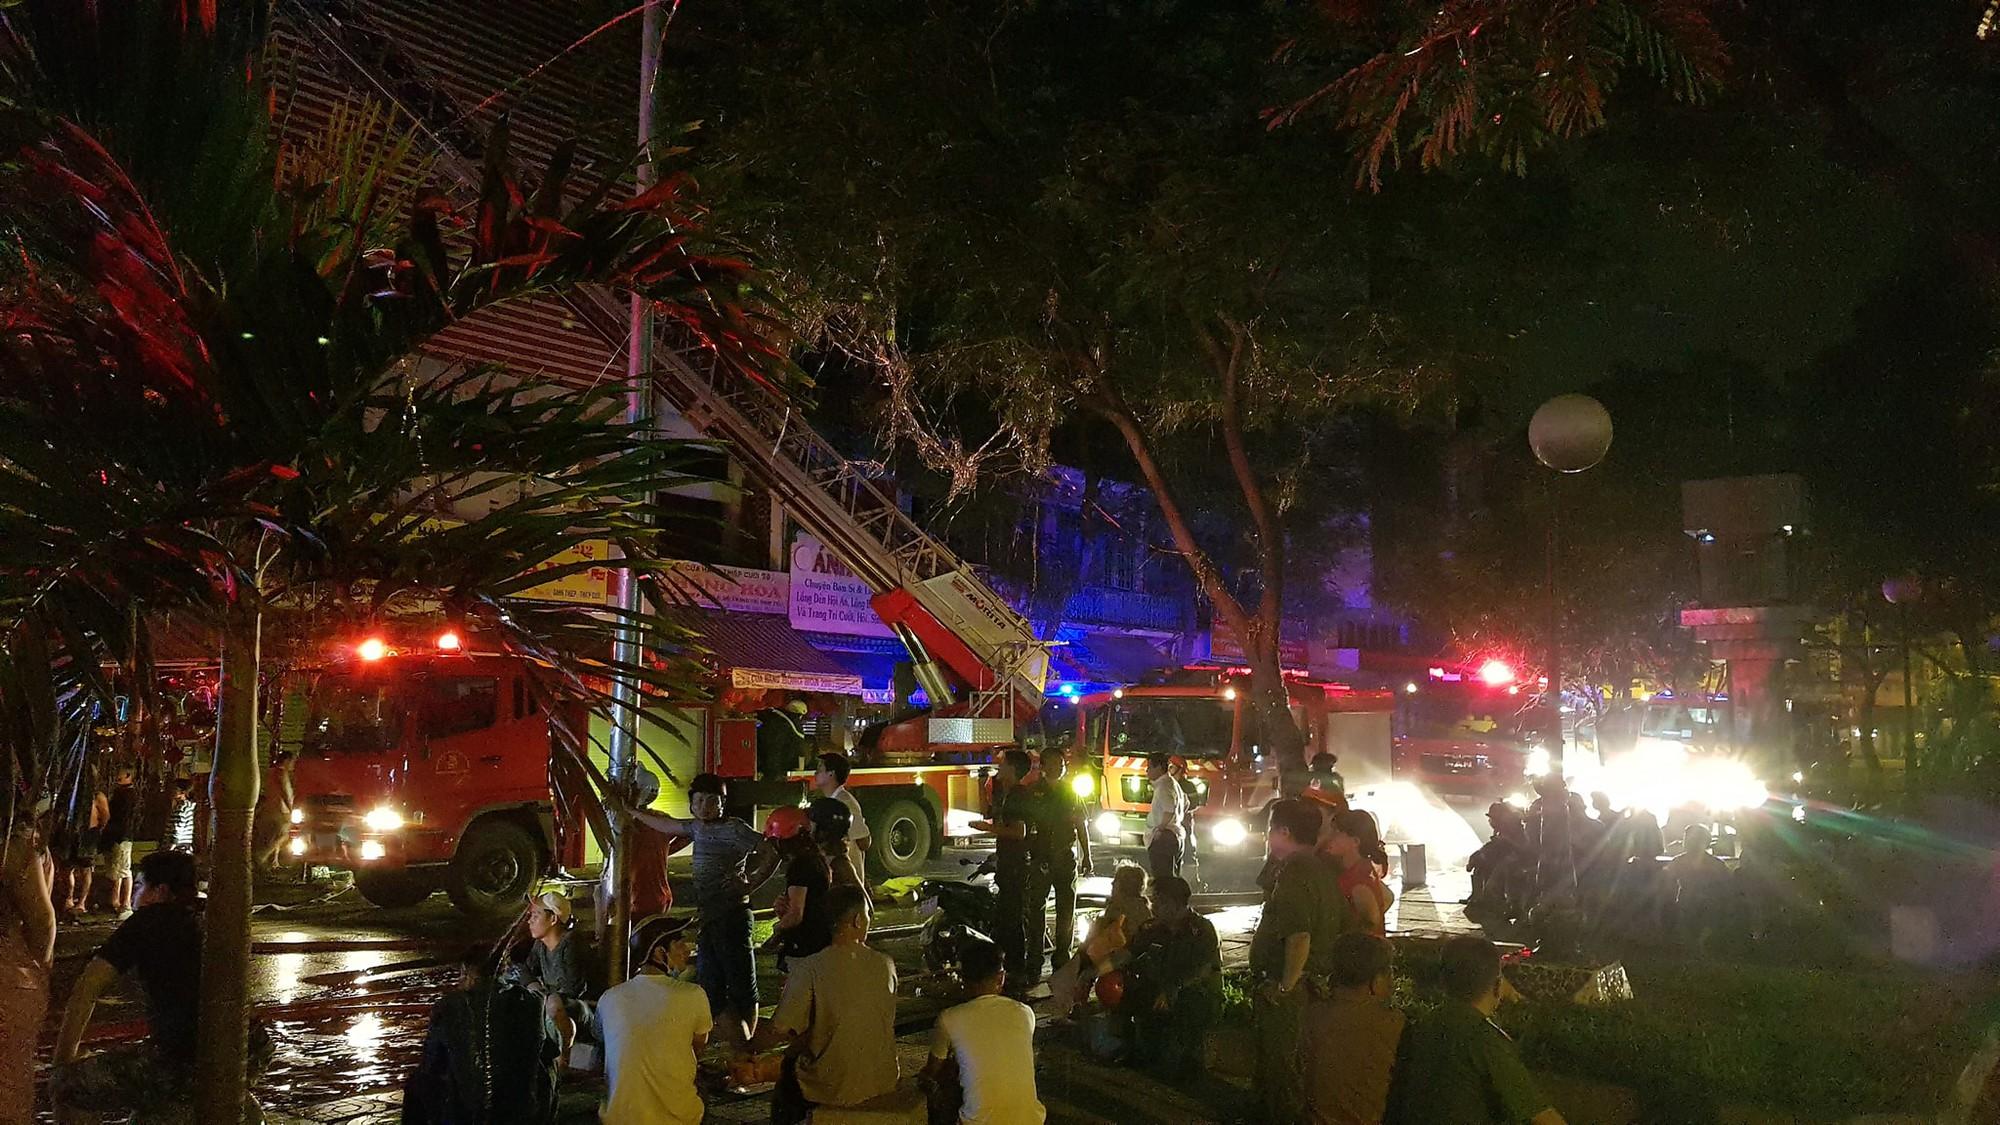 Căn nhà 5 tầng ở Sài Gòn chìm trong biển lửa, hàng trăm chiến sỹ cứu hỏa nỗ lực chữa cháy trong đêm - Ảnh 4.